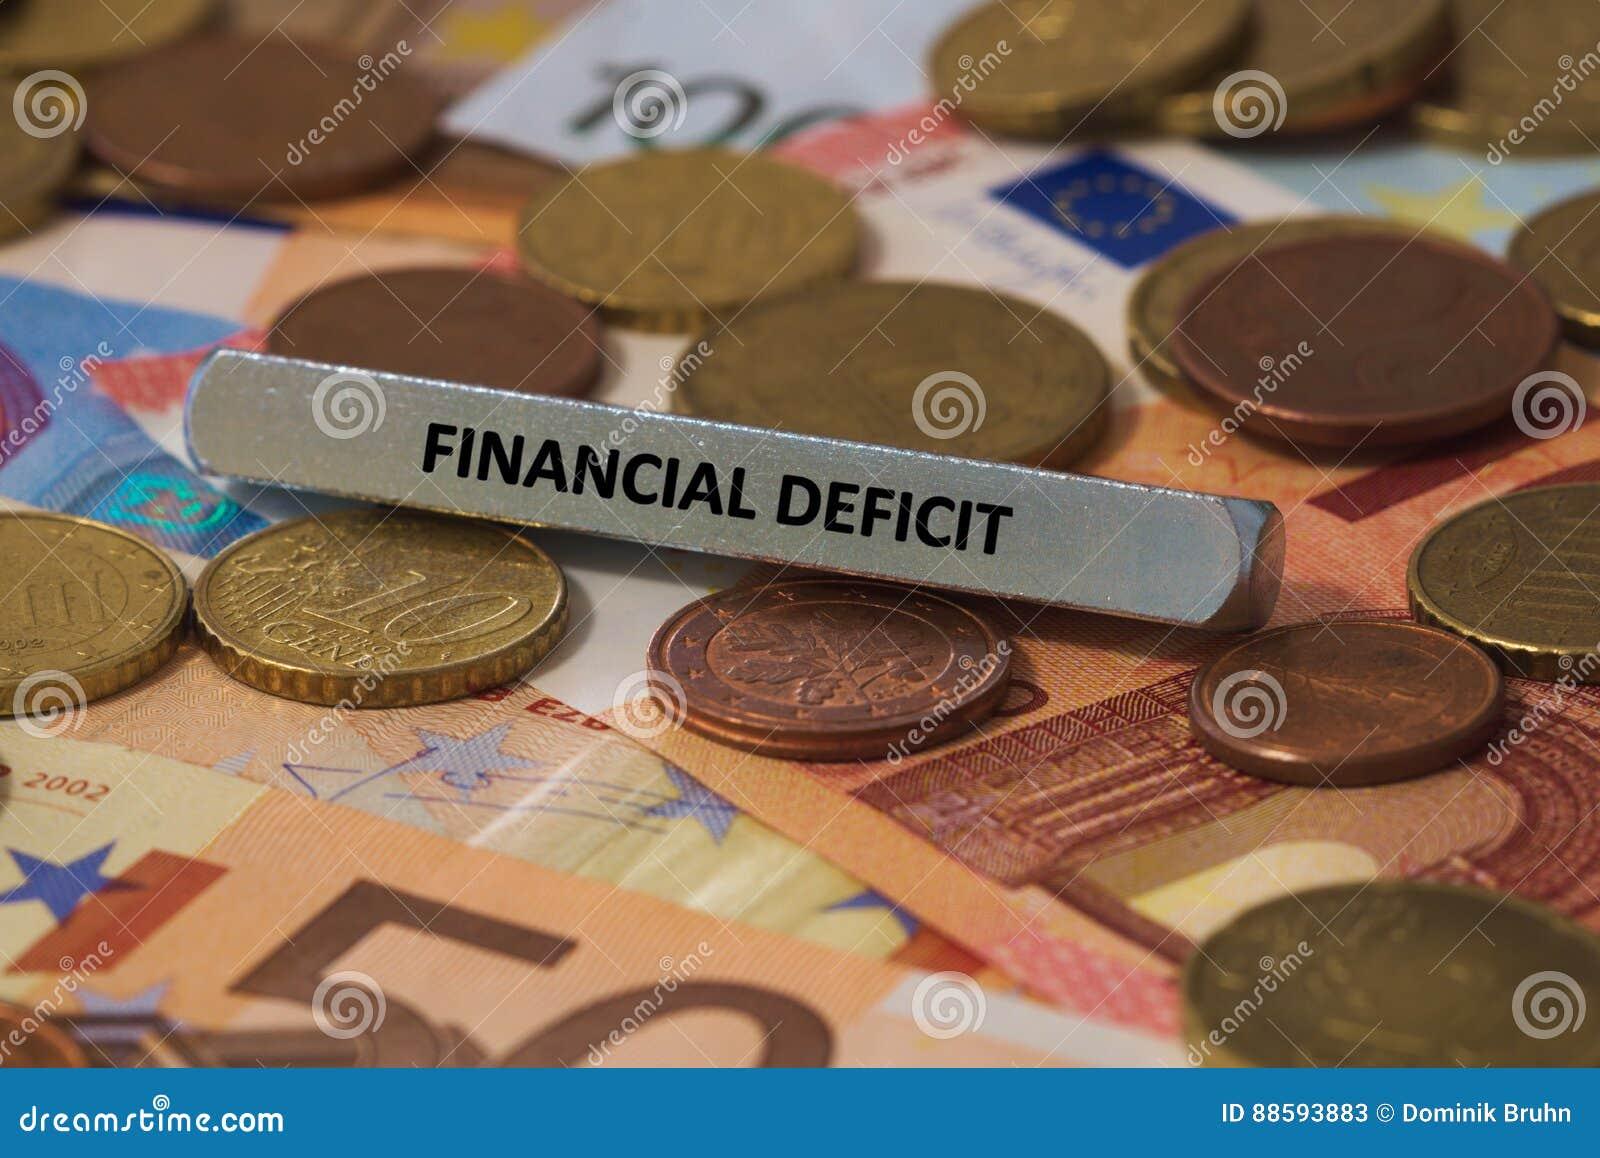 Finansiellt underskott - ordet skrivevs ut på en metallstång metallstången förlades på flera sedlar